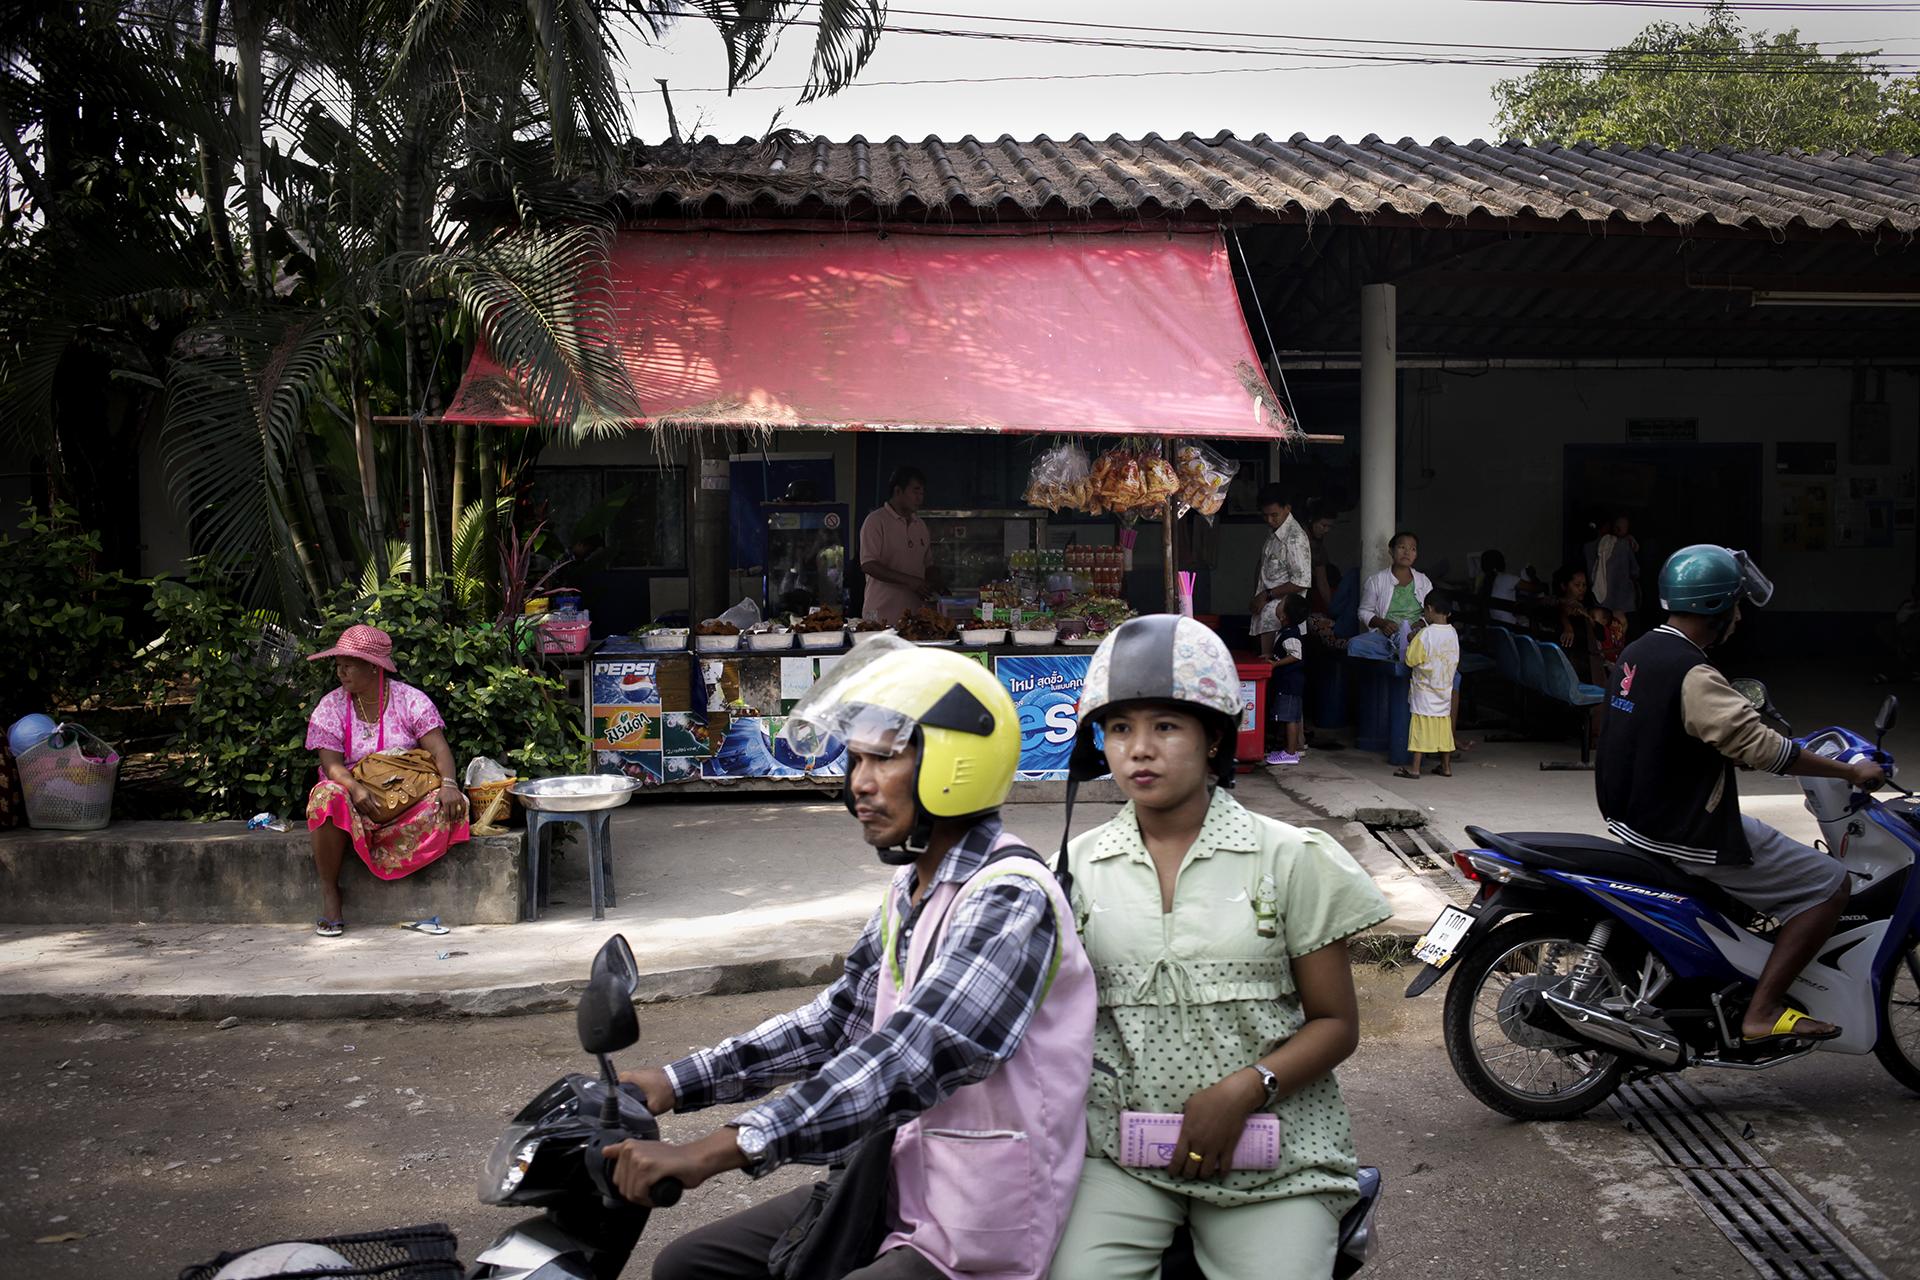 Entrée de la clinique Mae Tao. Elle a été fondée il y a 25 ans par le docteur Cynthia Maung en collaboration avec la Karen National Union. Aujourd'hui la clinique Mae Tao est l'un des seuls lieux d'accès aux soins pour les Birmans. Chaque année, plus de 150 000 patients bénéficient de soins gratuits, dont plus de la moitié viennent spécialement de Birmanie. Avec l'ouverture du pays, les sponsors de la clinique retirent petit à petit leurs fonds. Néanmoins, le besoin de soins n'a pas baissé dans la région. Mae Sot, Thaïlande, octobre 2013Mae Tao clinic offers free medical care to people from neighboring Burma populations. With 150 000 admissions per year and half from Myanmar they are a . With relative changes in Burma, their sponsors began to decrease their founds despite the fact that Burmeses migrants have built their lifes in this side of the border.